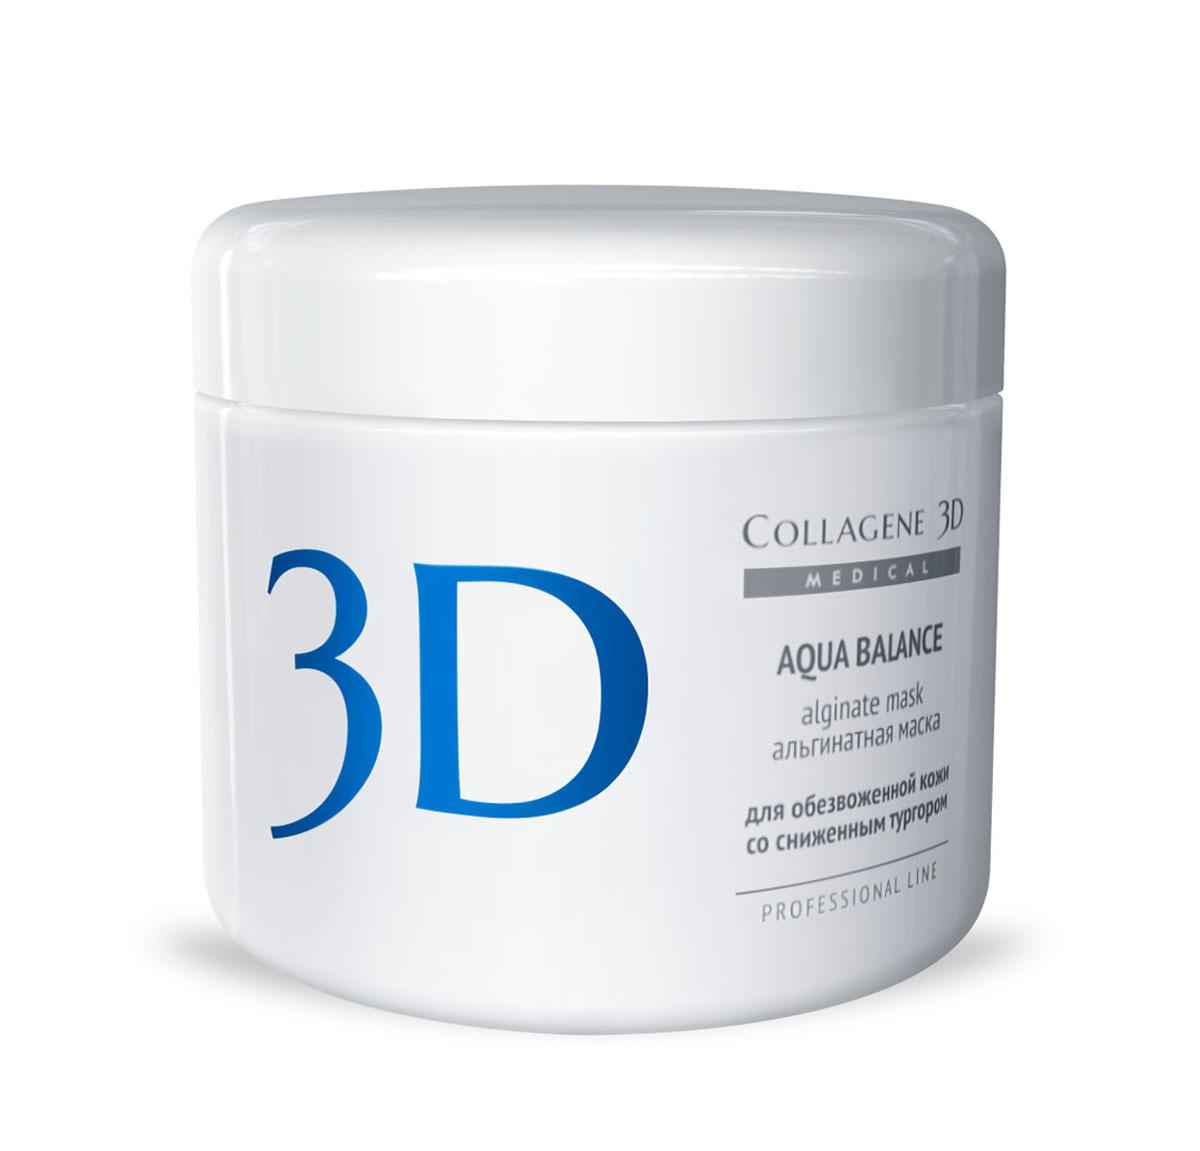 Medical Collagene 3D Альгинатная маска для лица и тела Aqua Balance, 200 г22020Высокоэффективная, пластифицирующая маска на основе лучшего натурального сырья. Гиалуроновая кислота которая является активным компонентом маски, способствует нормализации водного баланса, заполняя морщины изнутри.